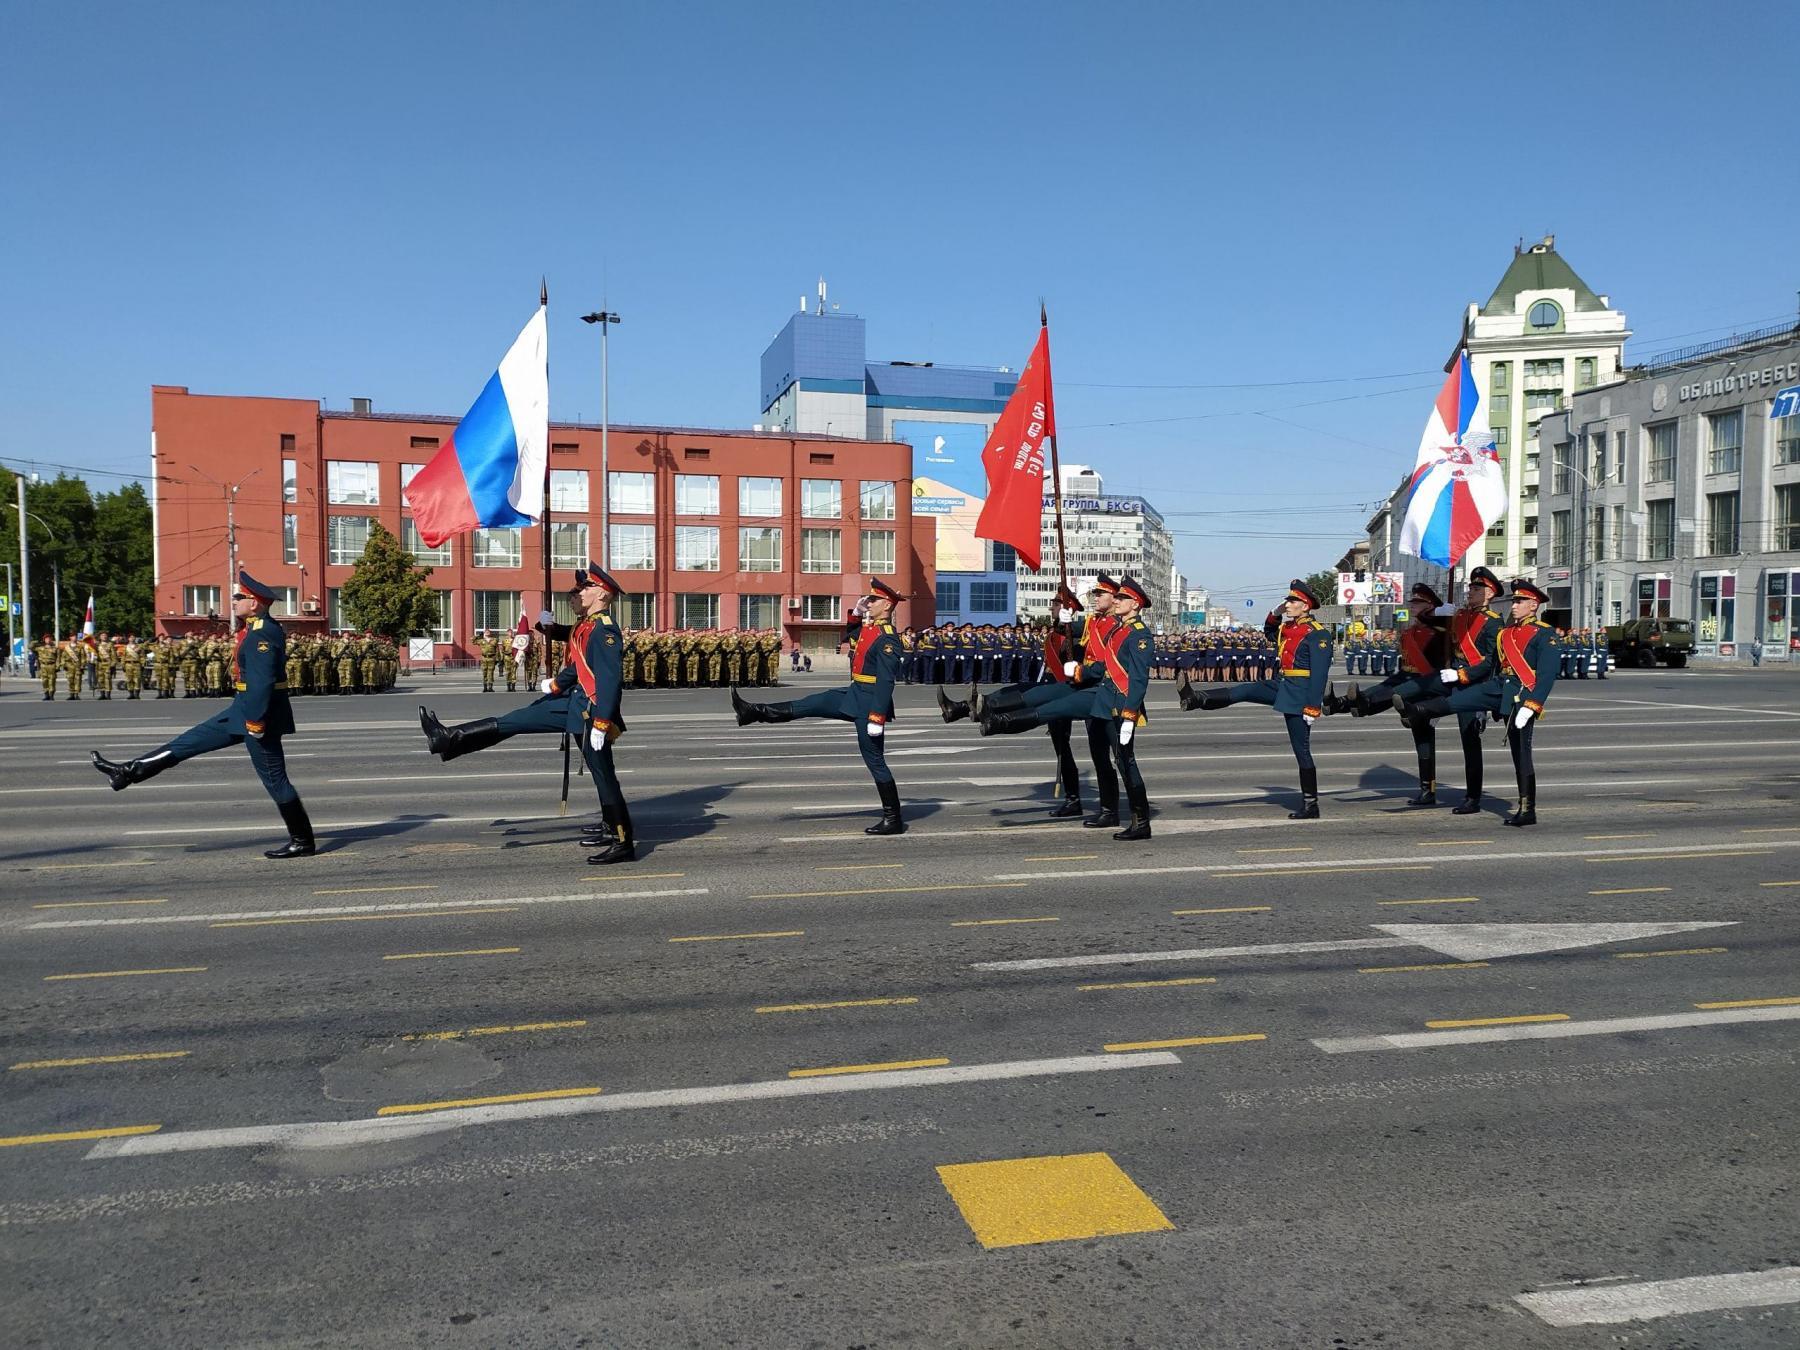 фото День Победы в Новосибирске: полная программа мероприятий 9 мая 2021 года 5